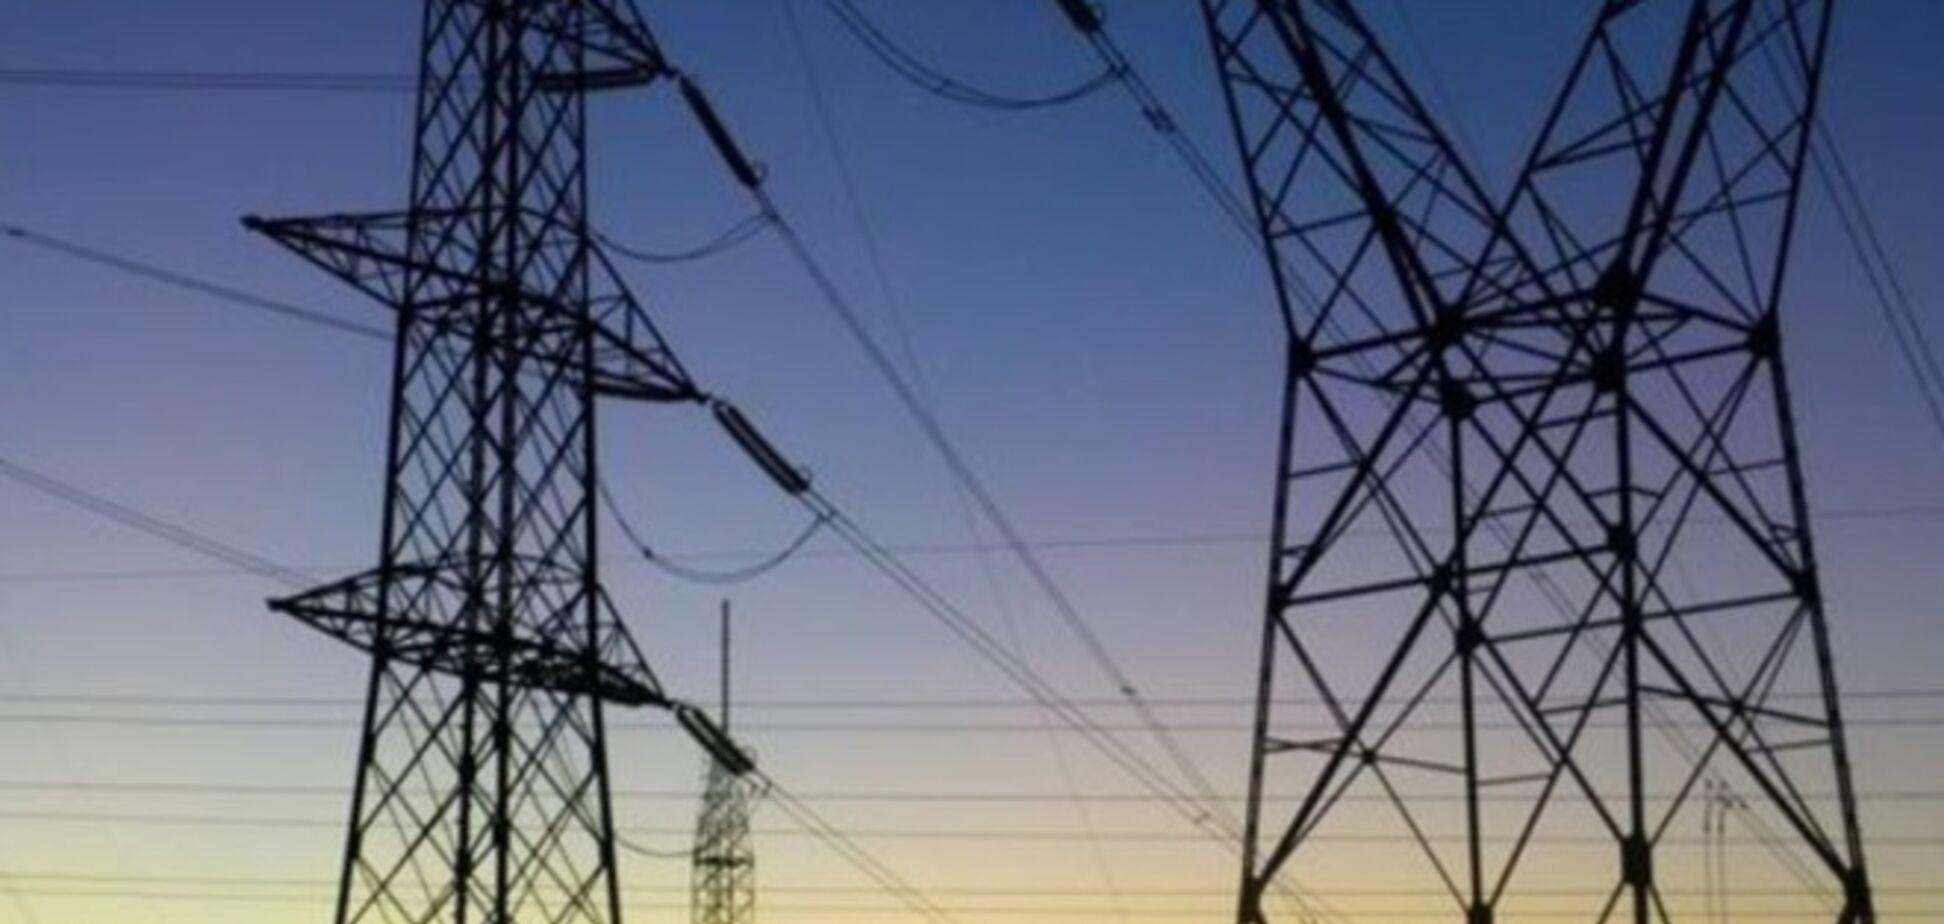 У РФ заявили про підписання контрактів на поставку електроенергії в Україну